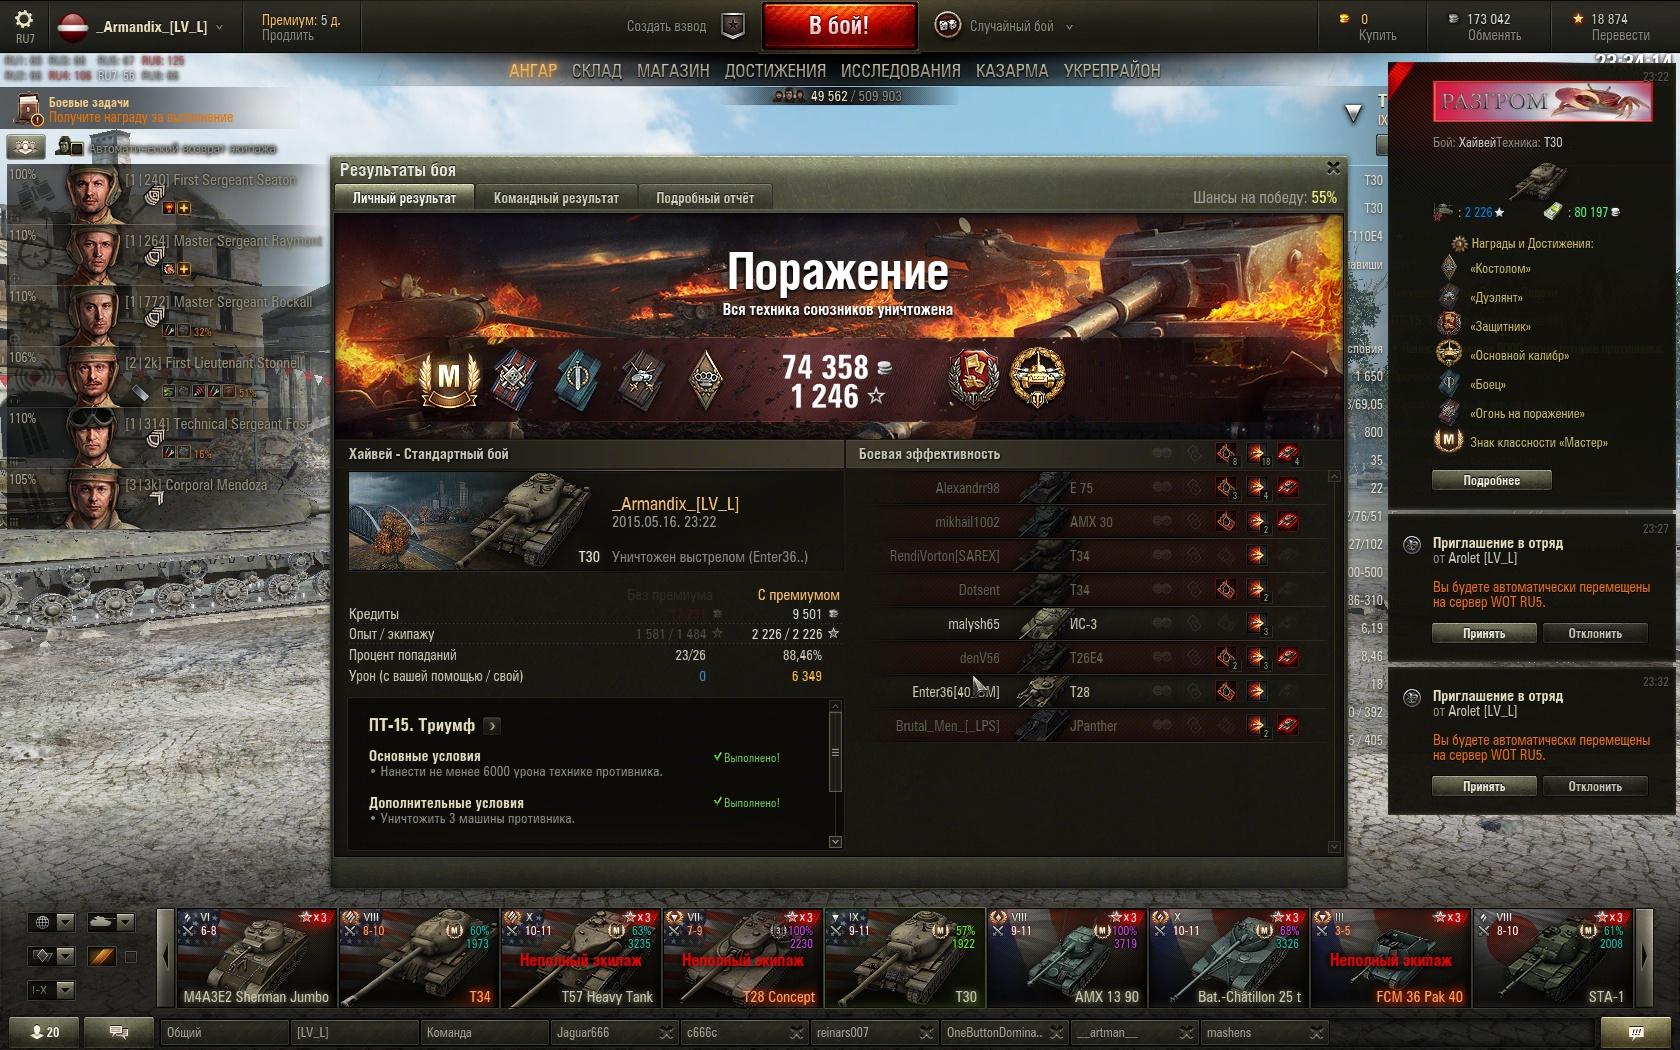 (Master) T30 Gs6jp0kmx8tfj0s8n